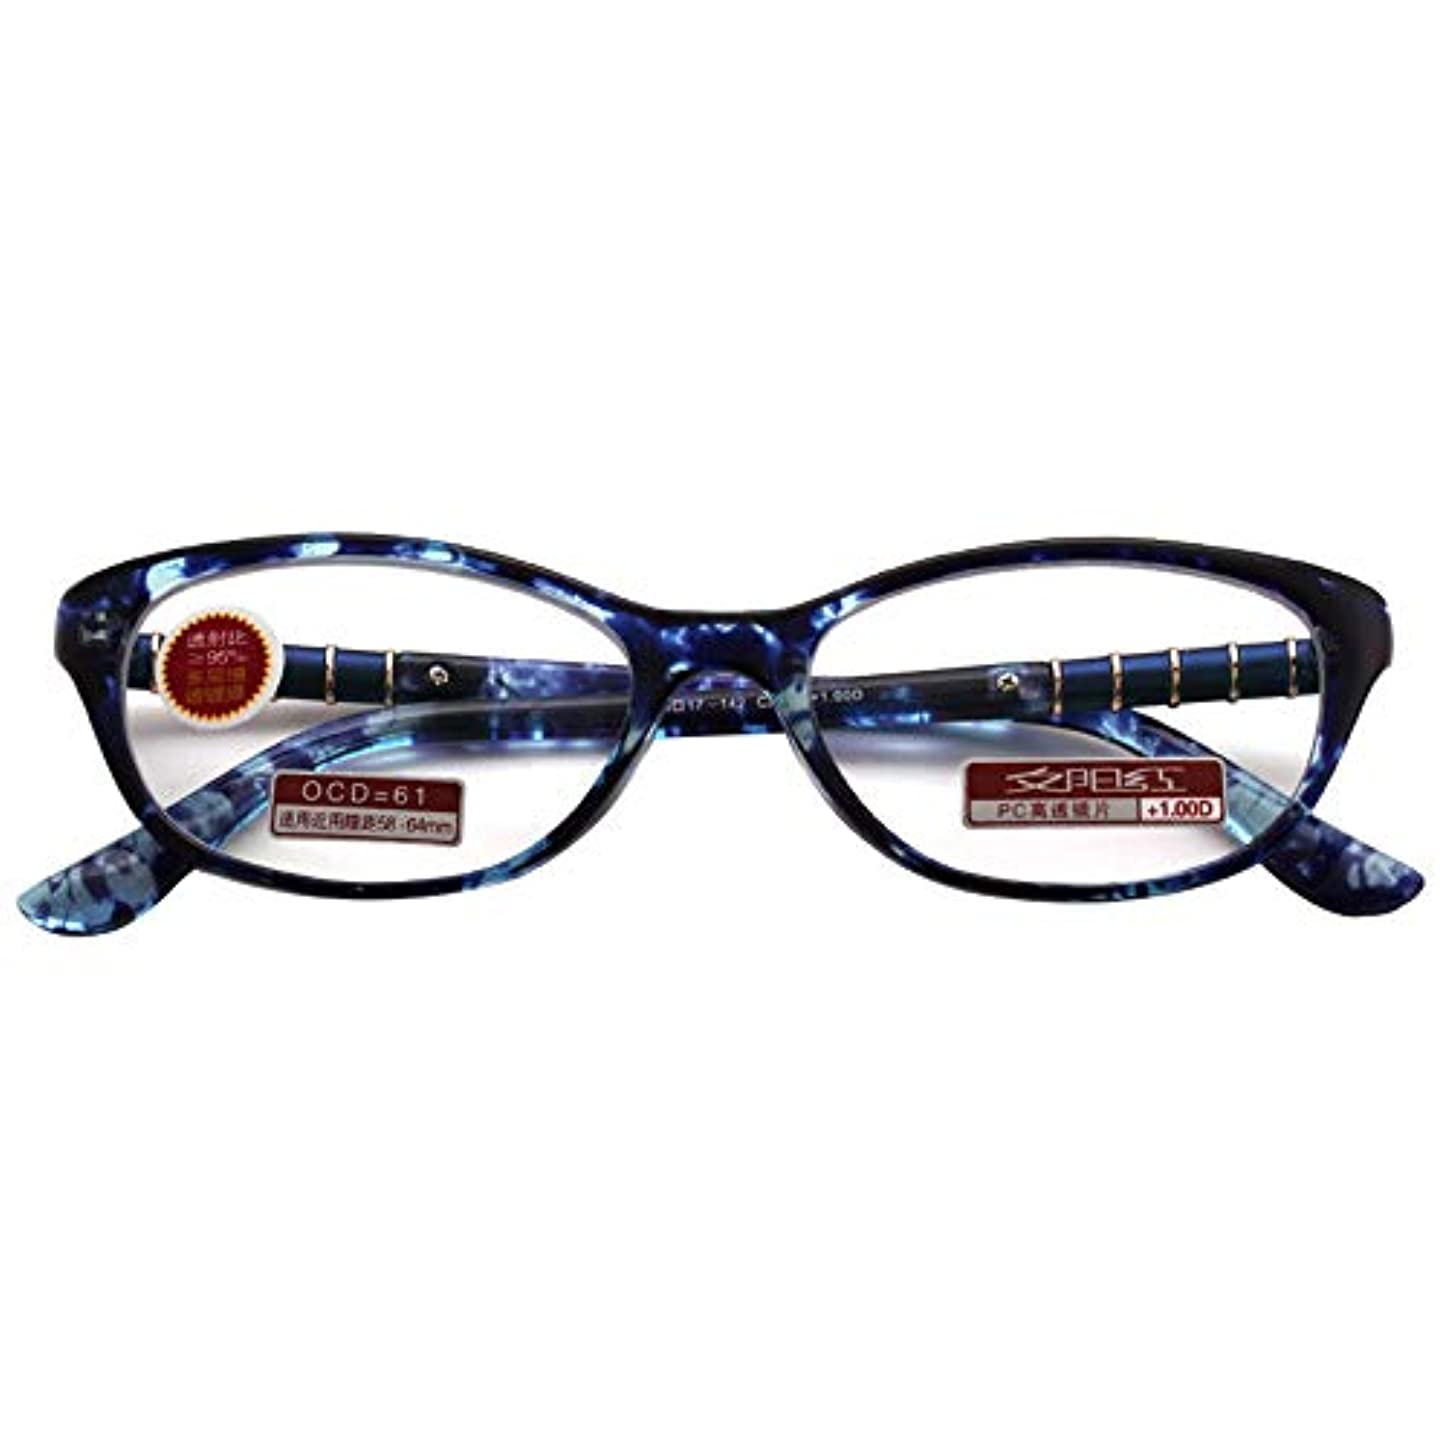 腐ったがっかりした疑問に思うUV保護老眼鏡、シニアHD読書抗疲労抗放射線超軽量樹脂ファッションメガネ、レディースポータブル老眼鏡